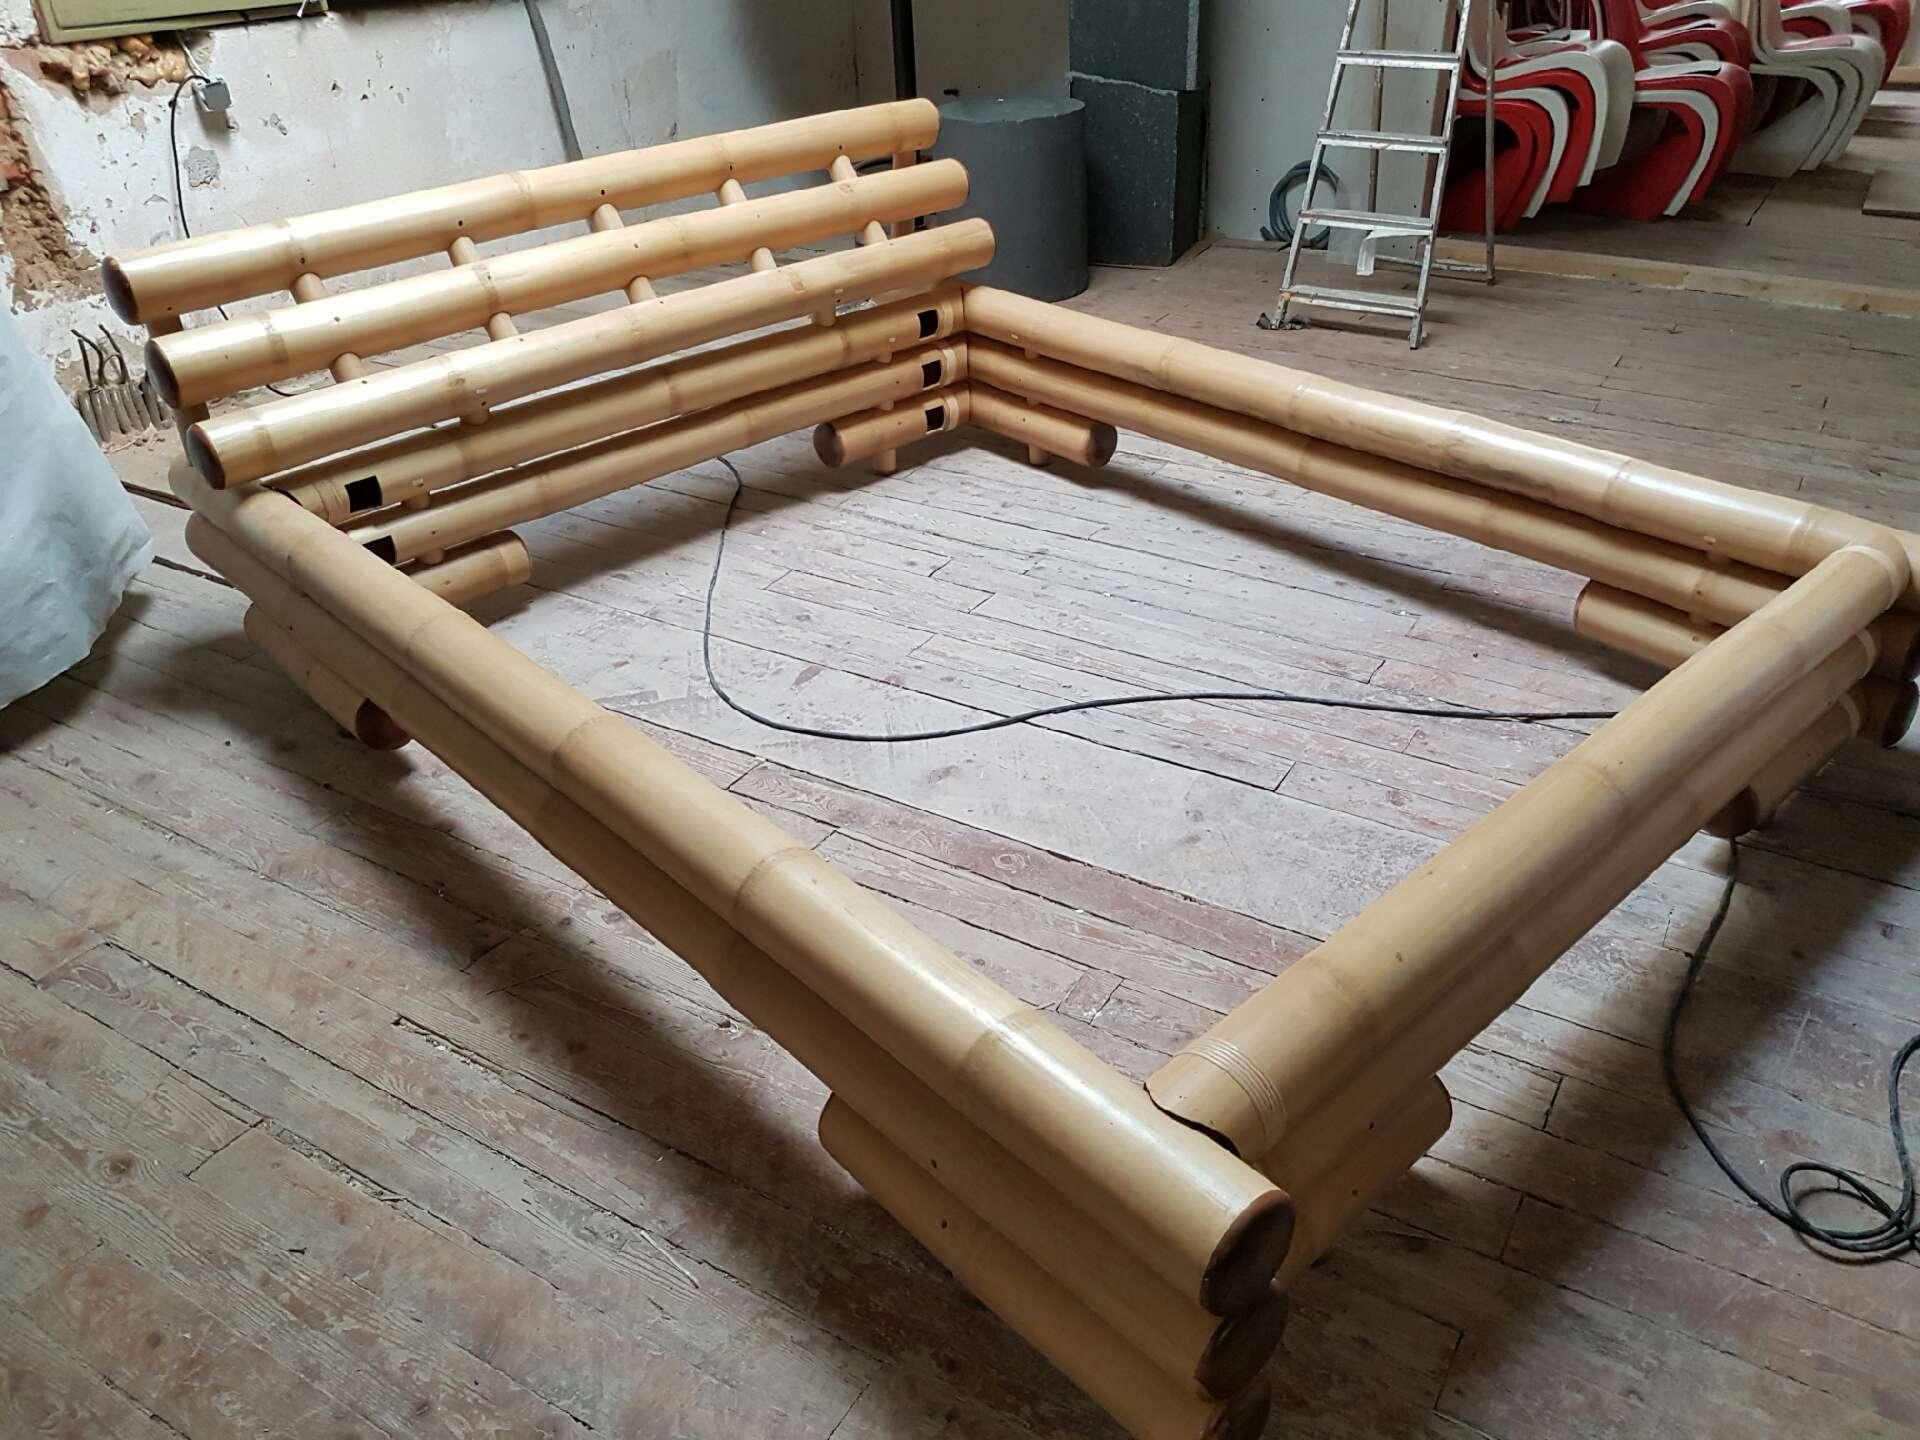 Full Size of Bambus Bett Bambusbett 160x200cm Gewerbeflohmarkt Pregarten Eiche Massiv 180x200 Amazon Betten Ruf Minimalistisch überlänge 200x220 Platzsparend Schöne Bett Bambus Bett